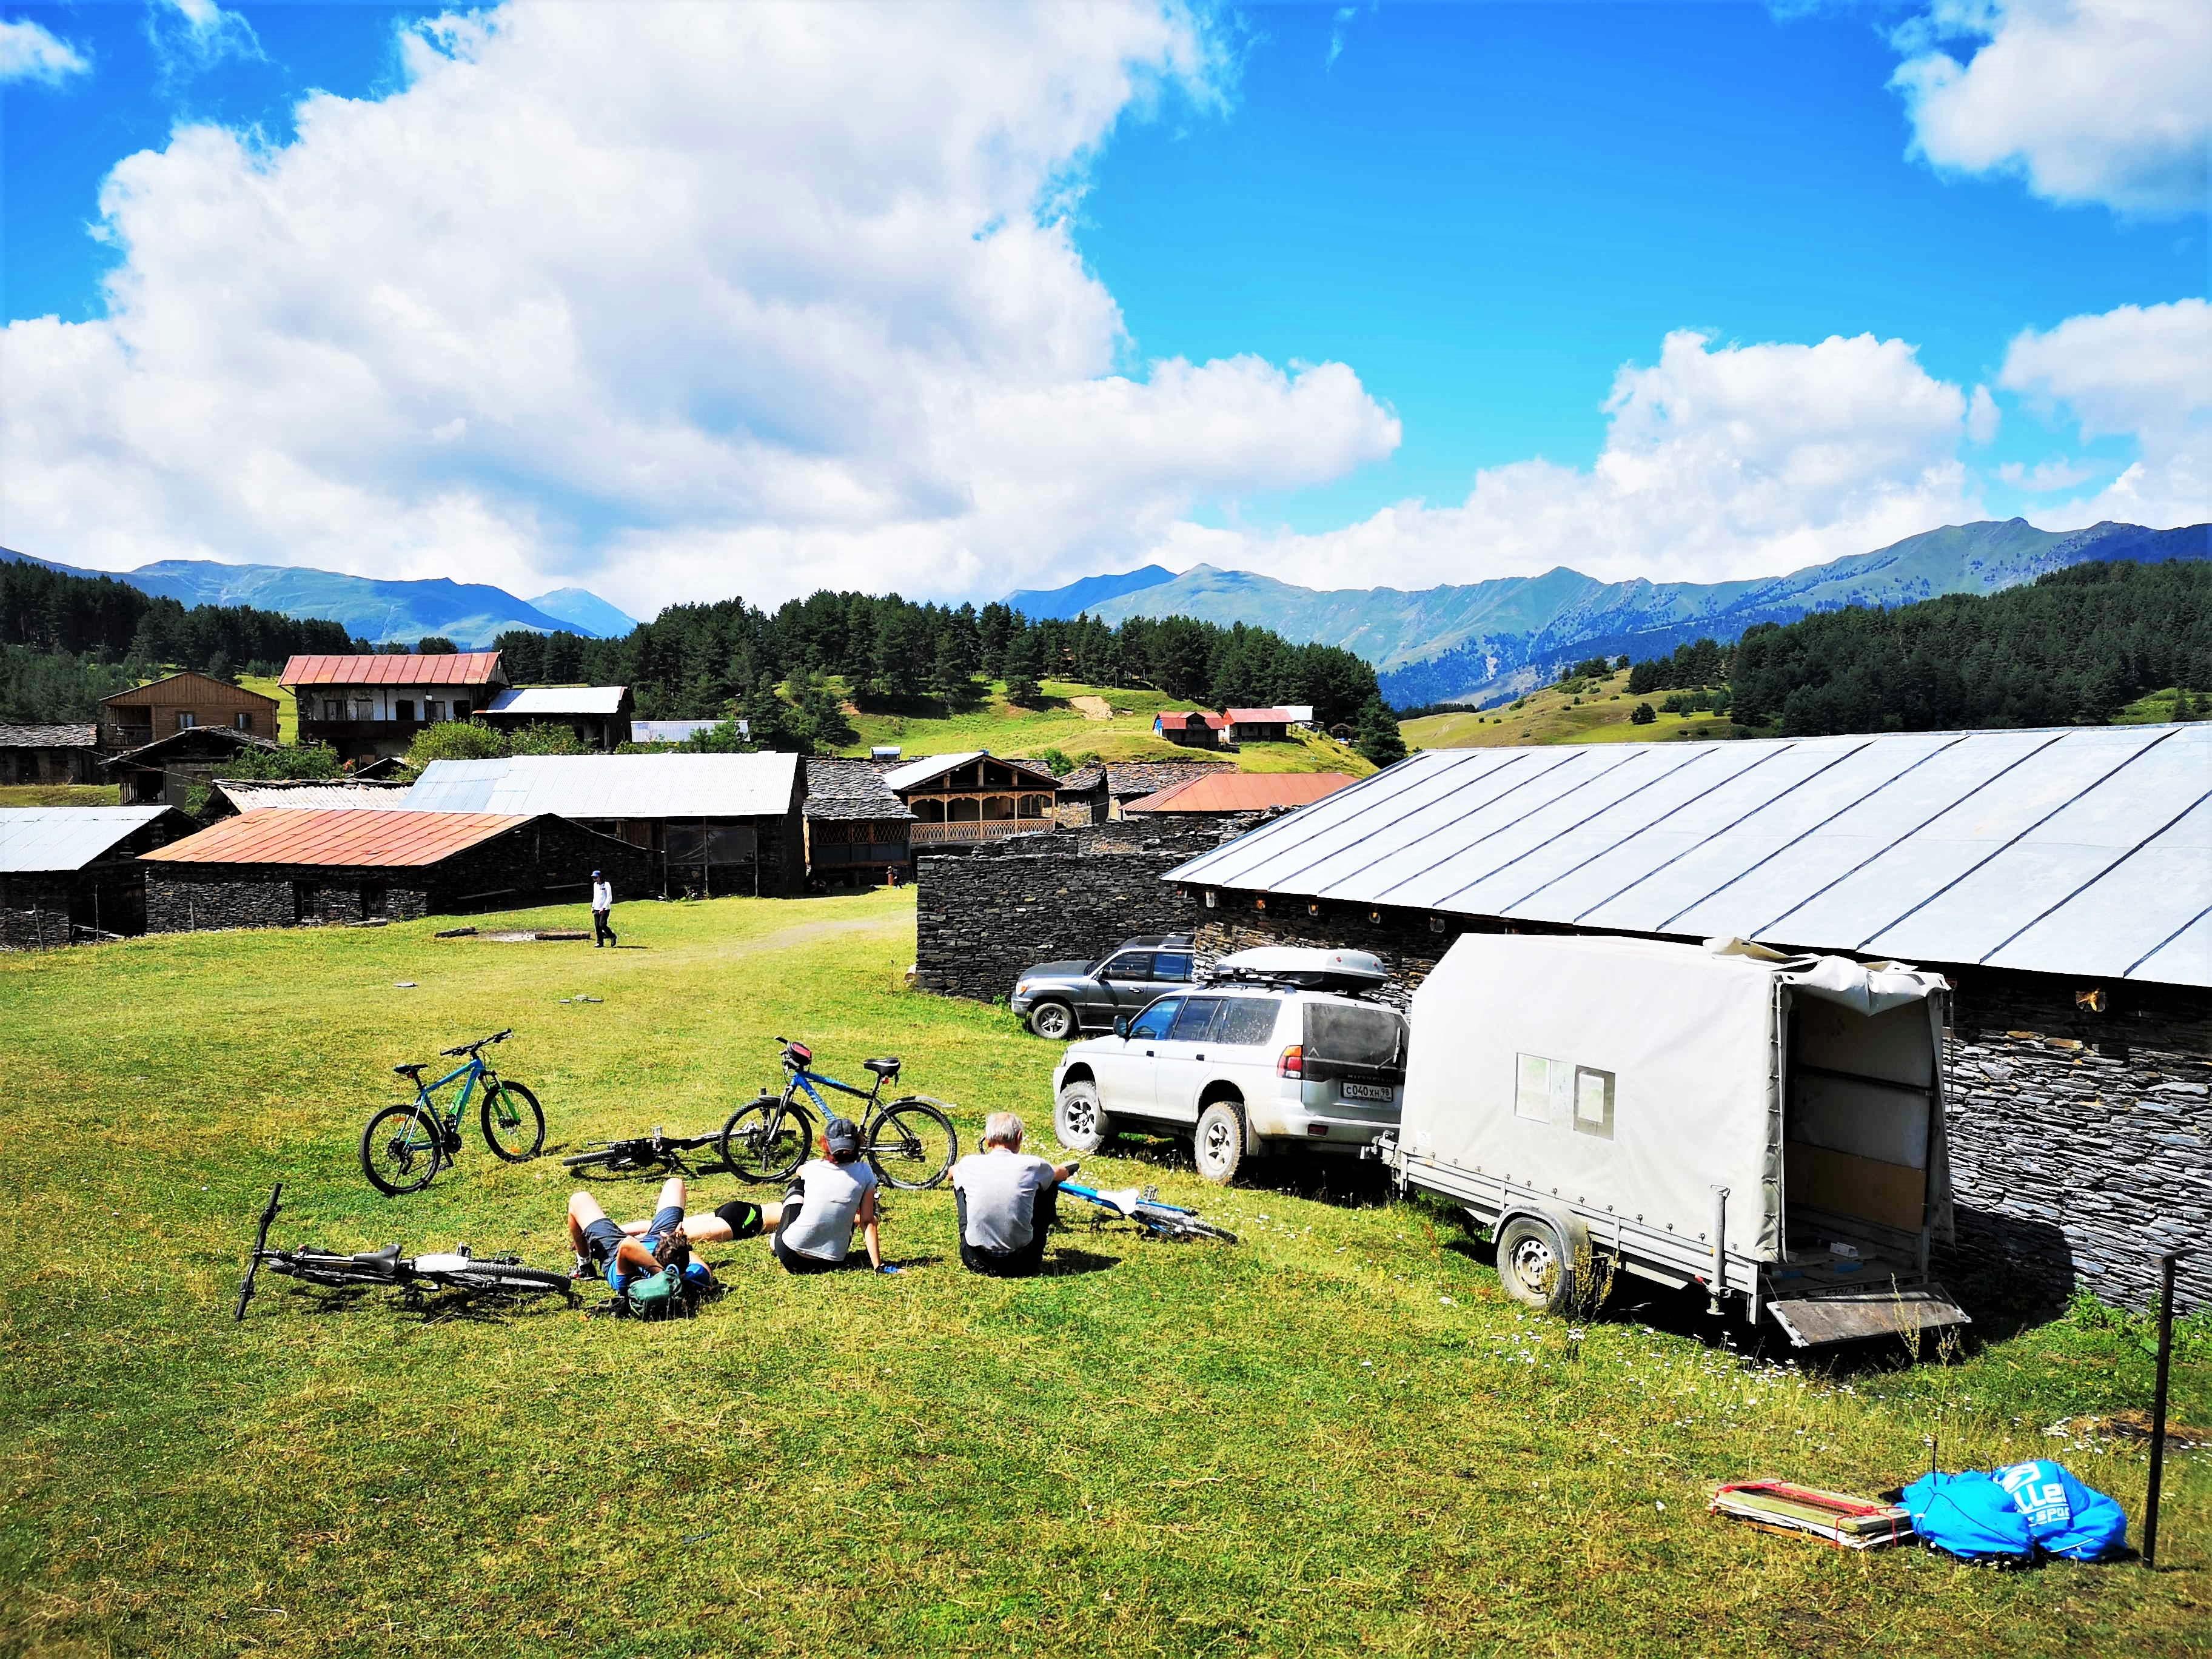 Добрались до цели, как же хорошо - просто сидеть на травке и глазеть на горы вдали!